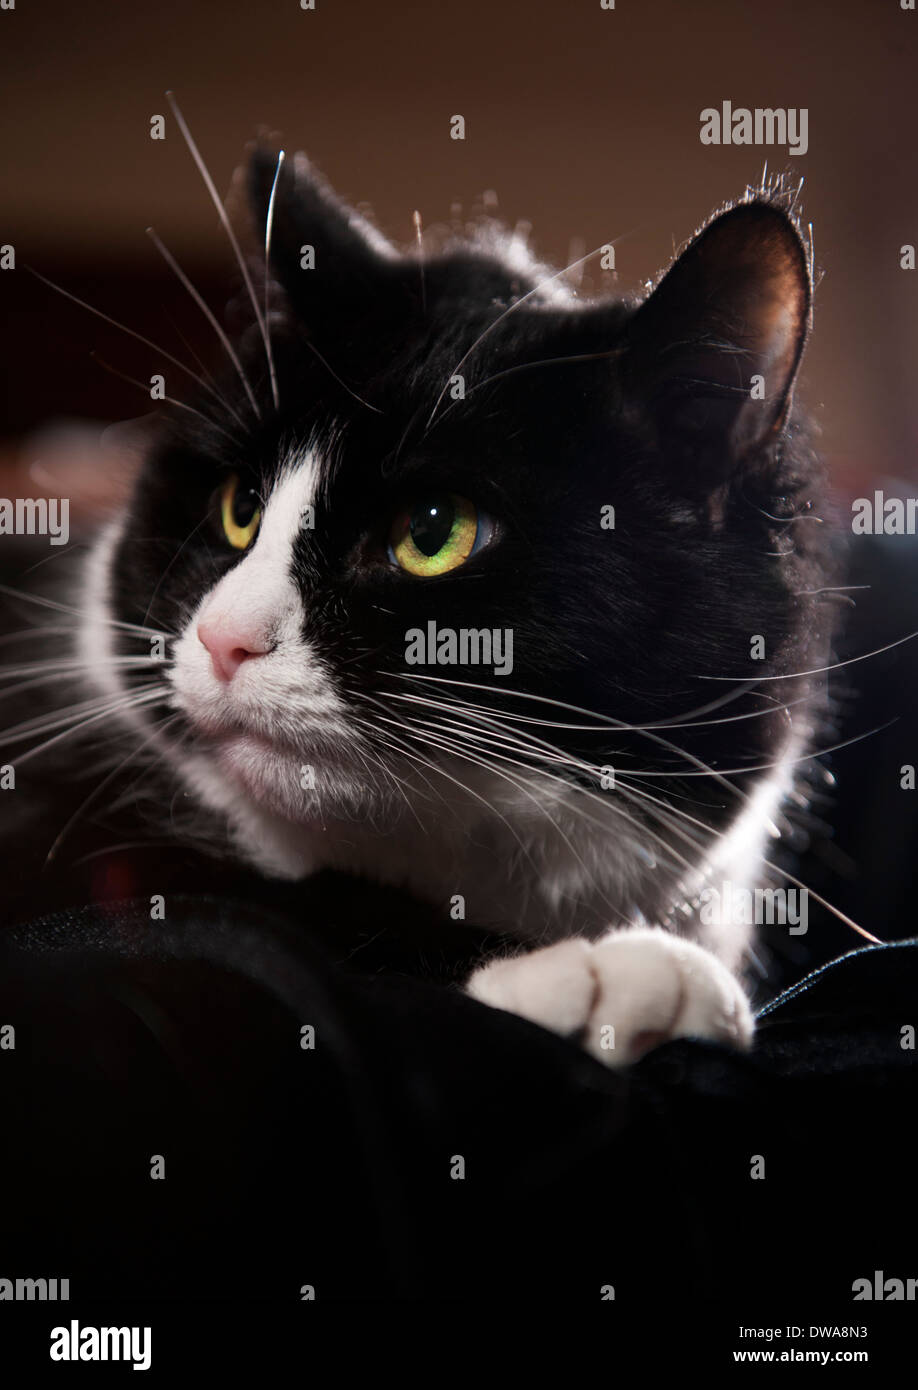 Black and white 'tuxedo' Cat - Stock Image